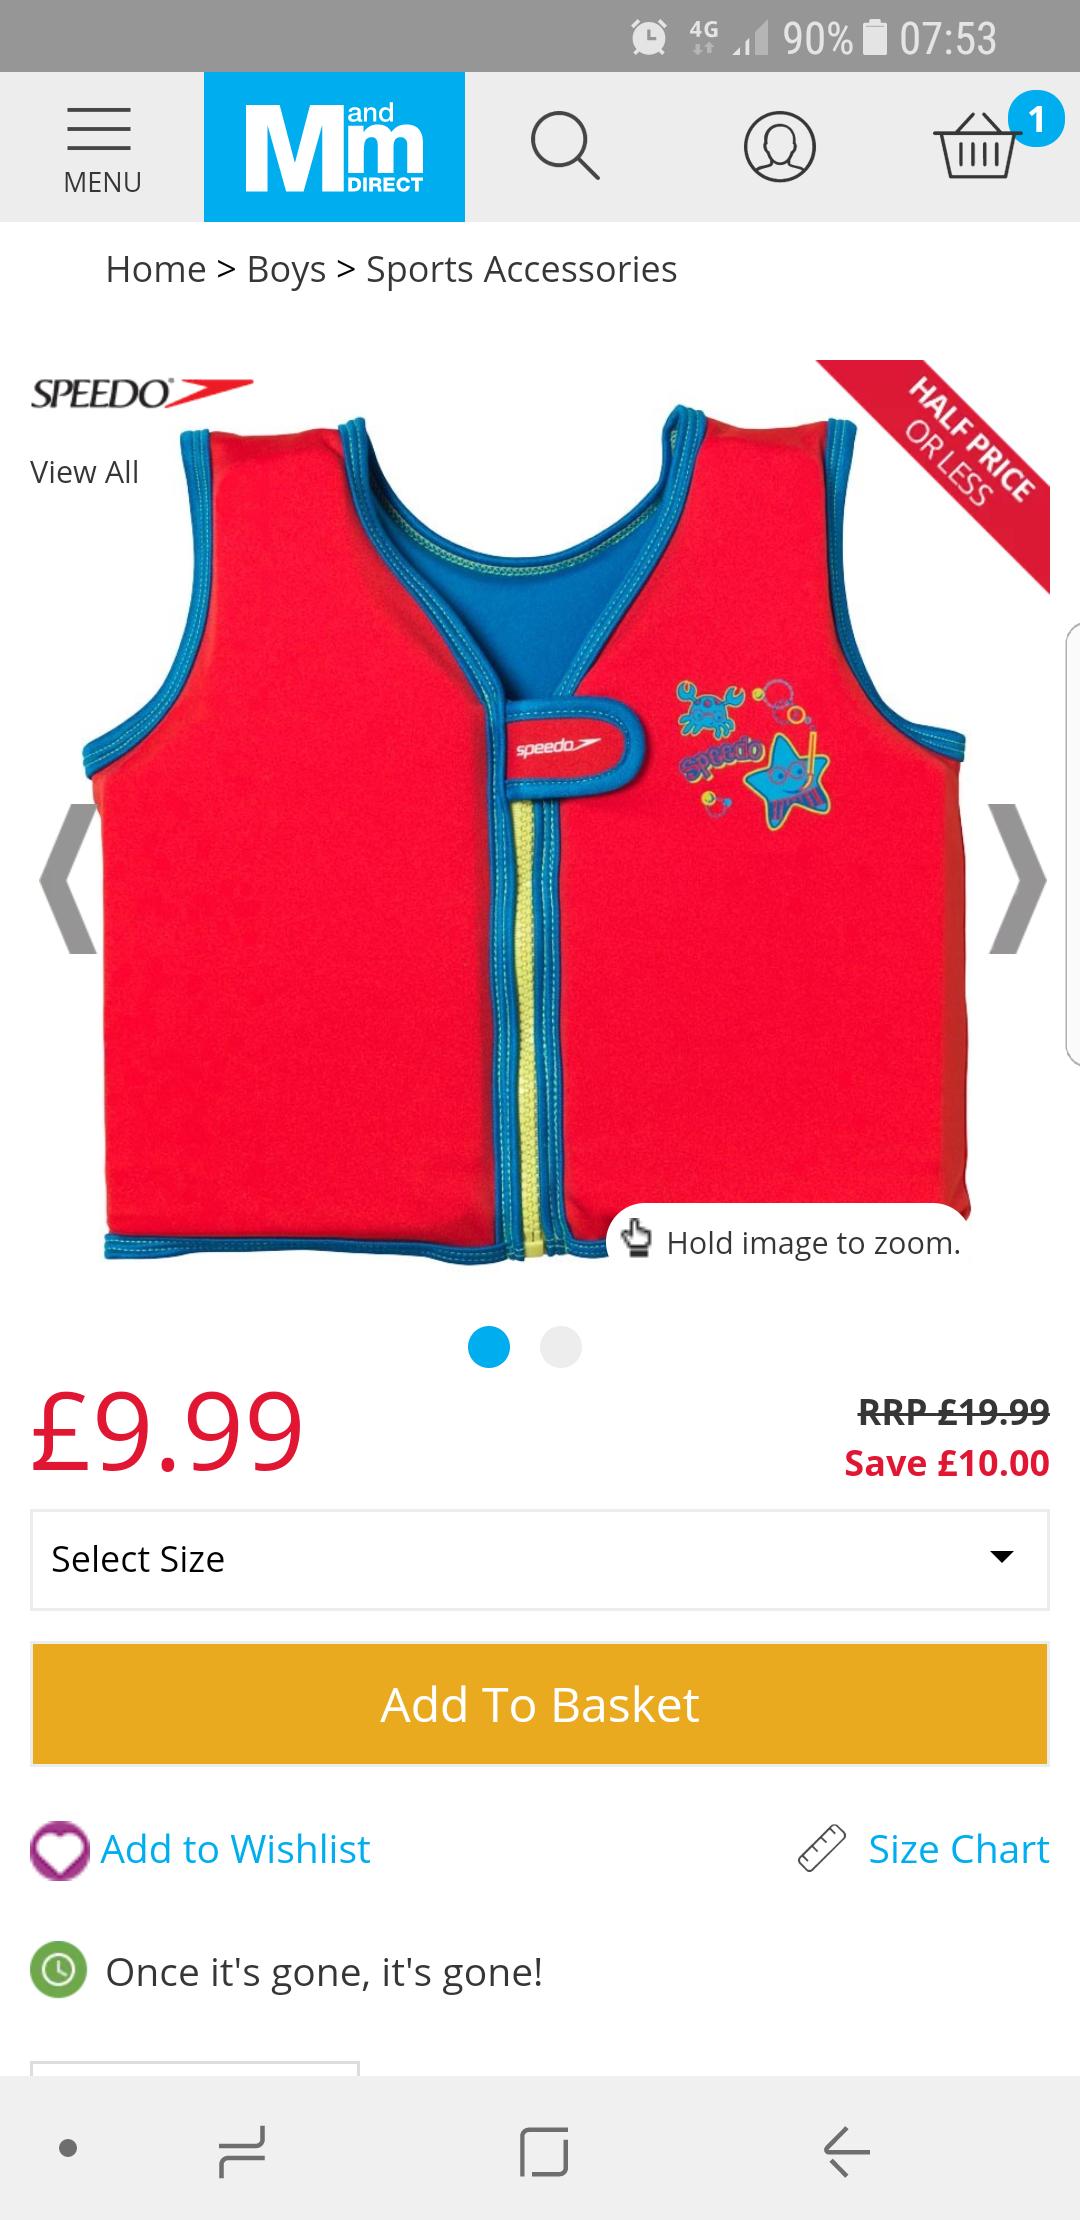 Speedo Sea Squad Float Vest Red/Blue £9.99 + £4.49 Del @ MandM Direct